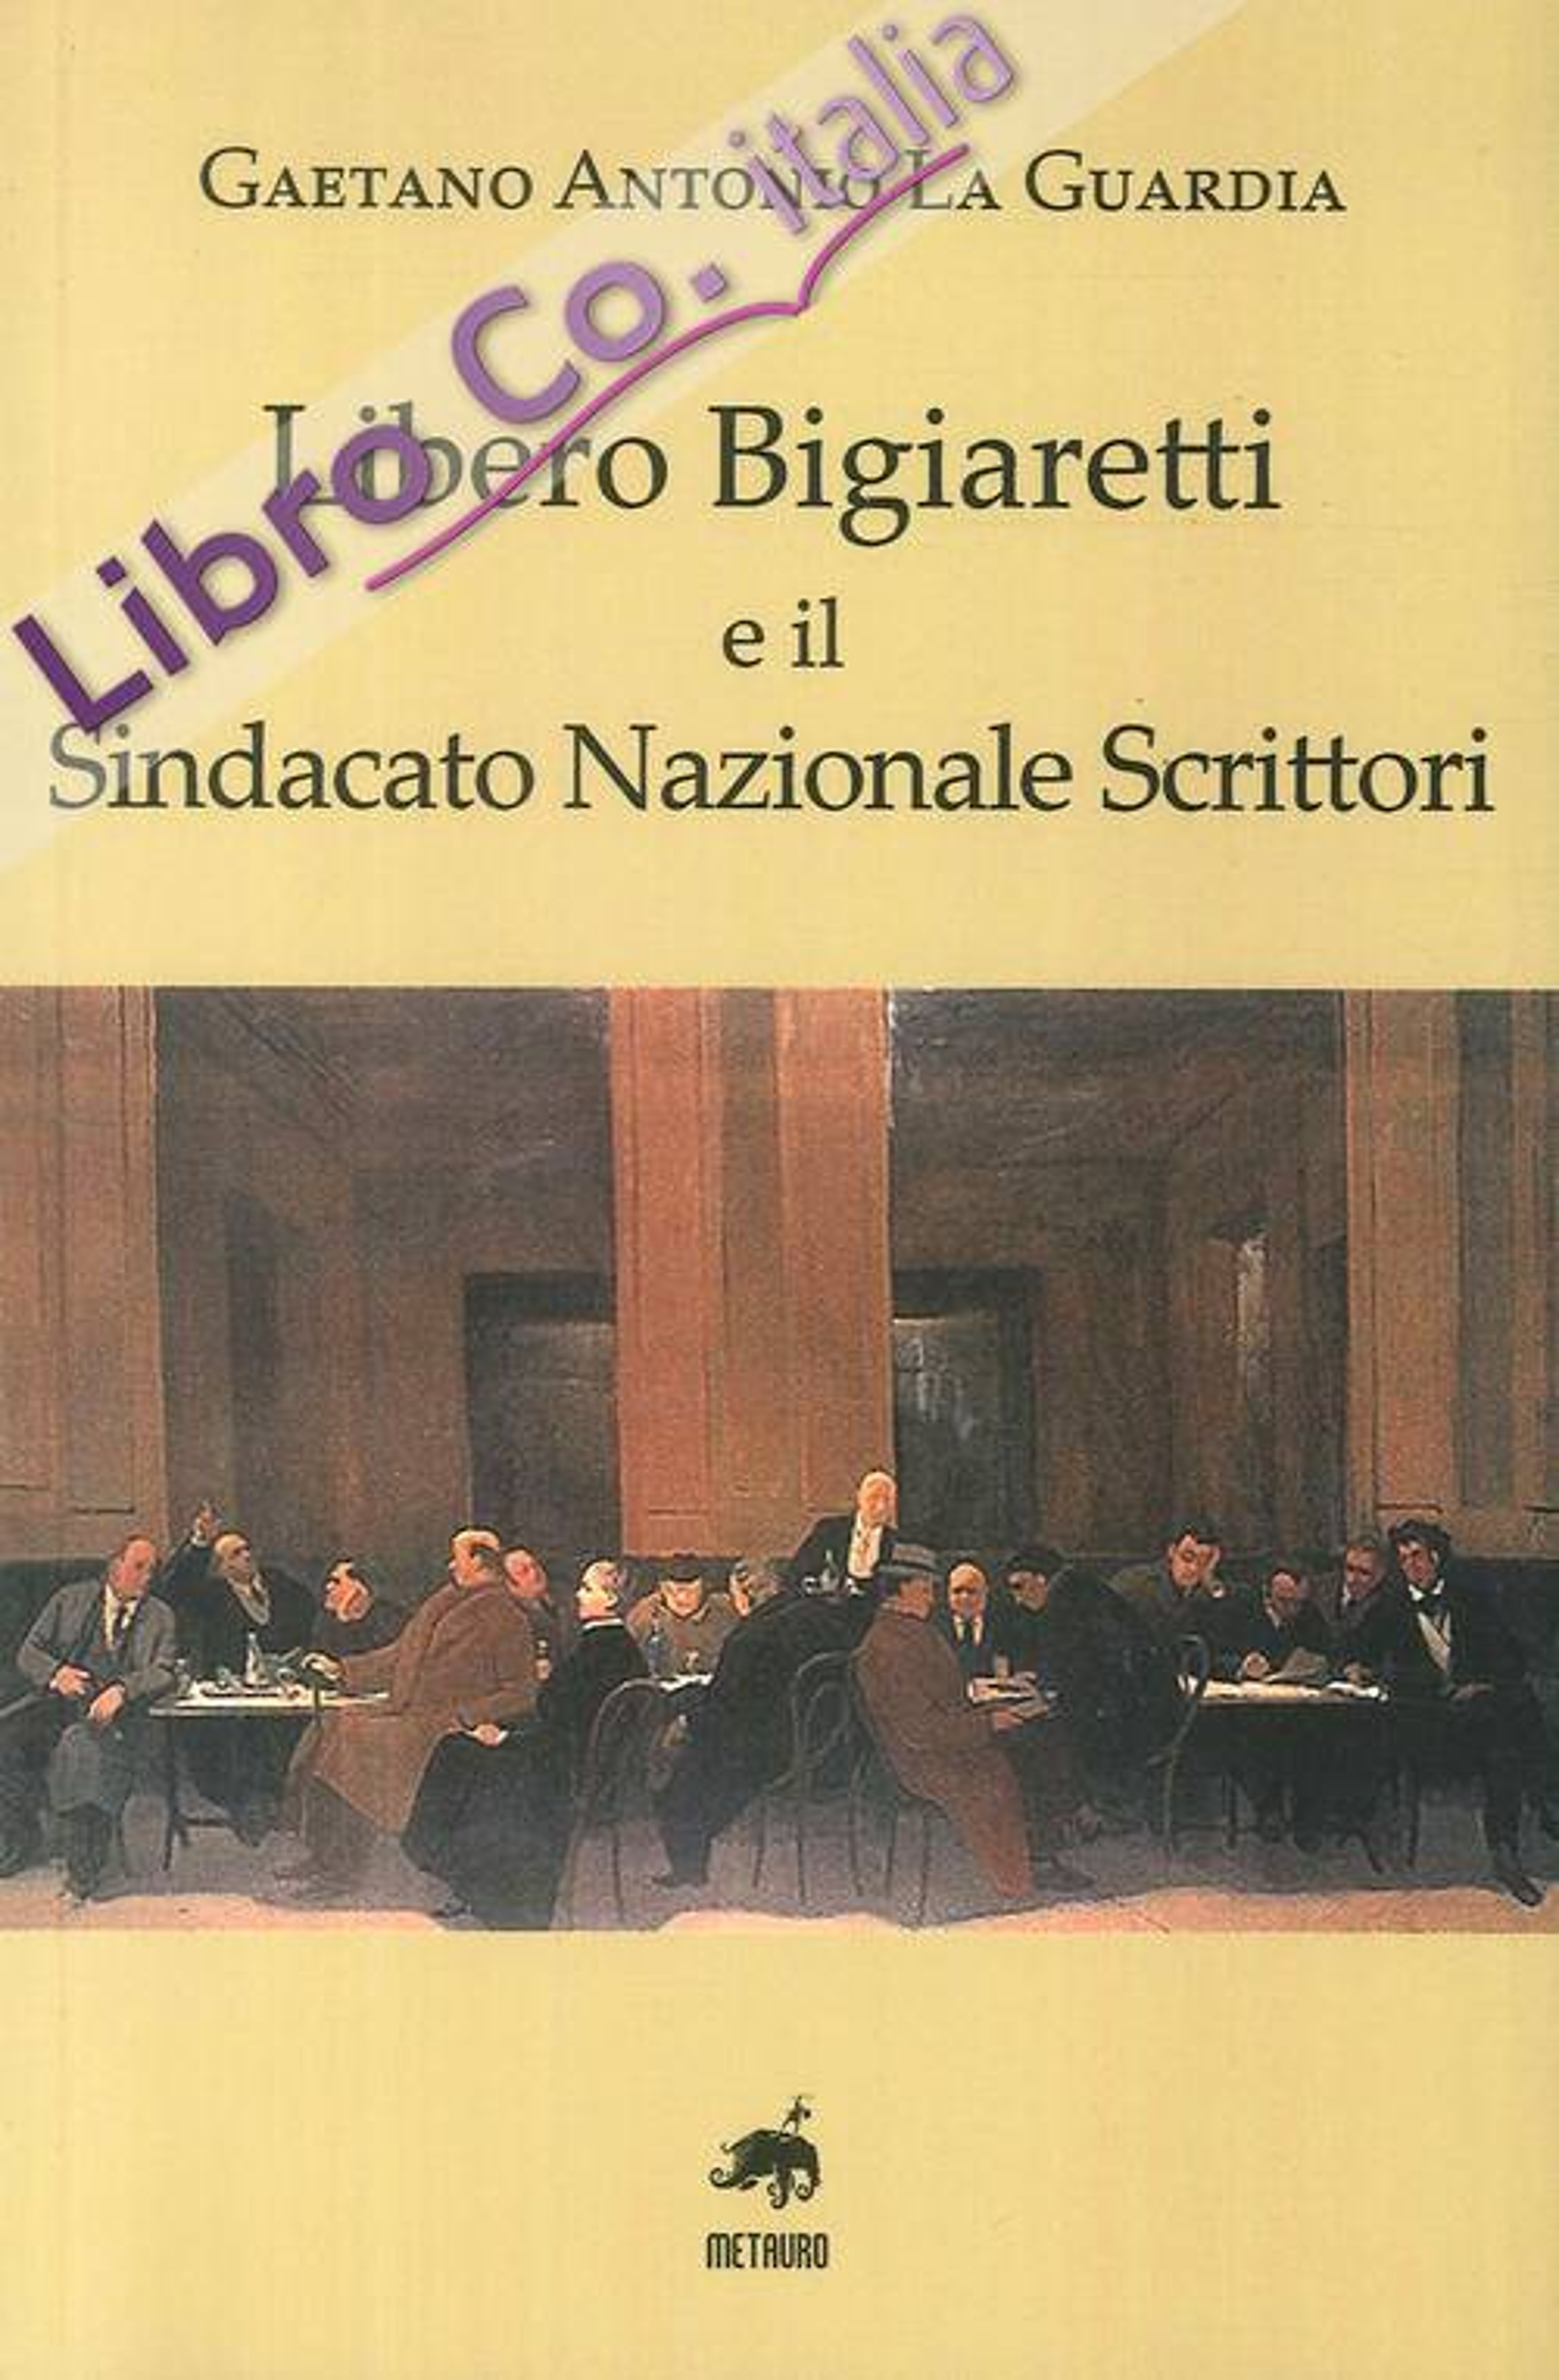 Libero Biagiaretti e il sindacato nazionale scrittori.